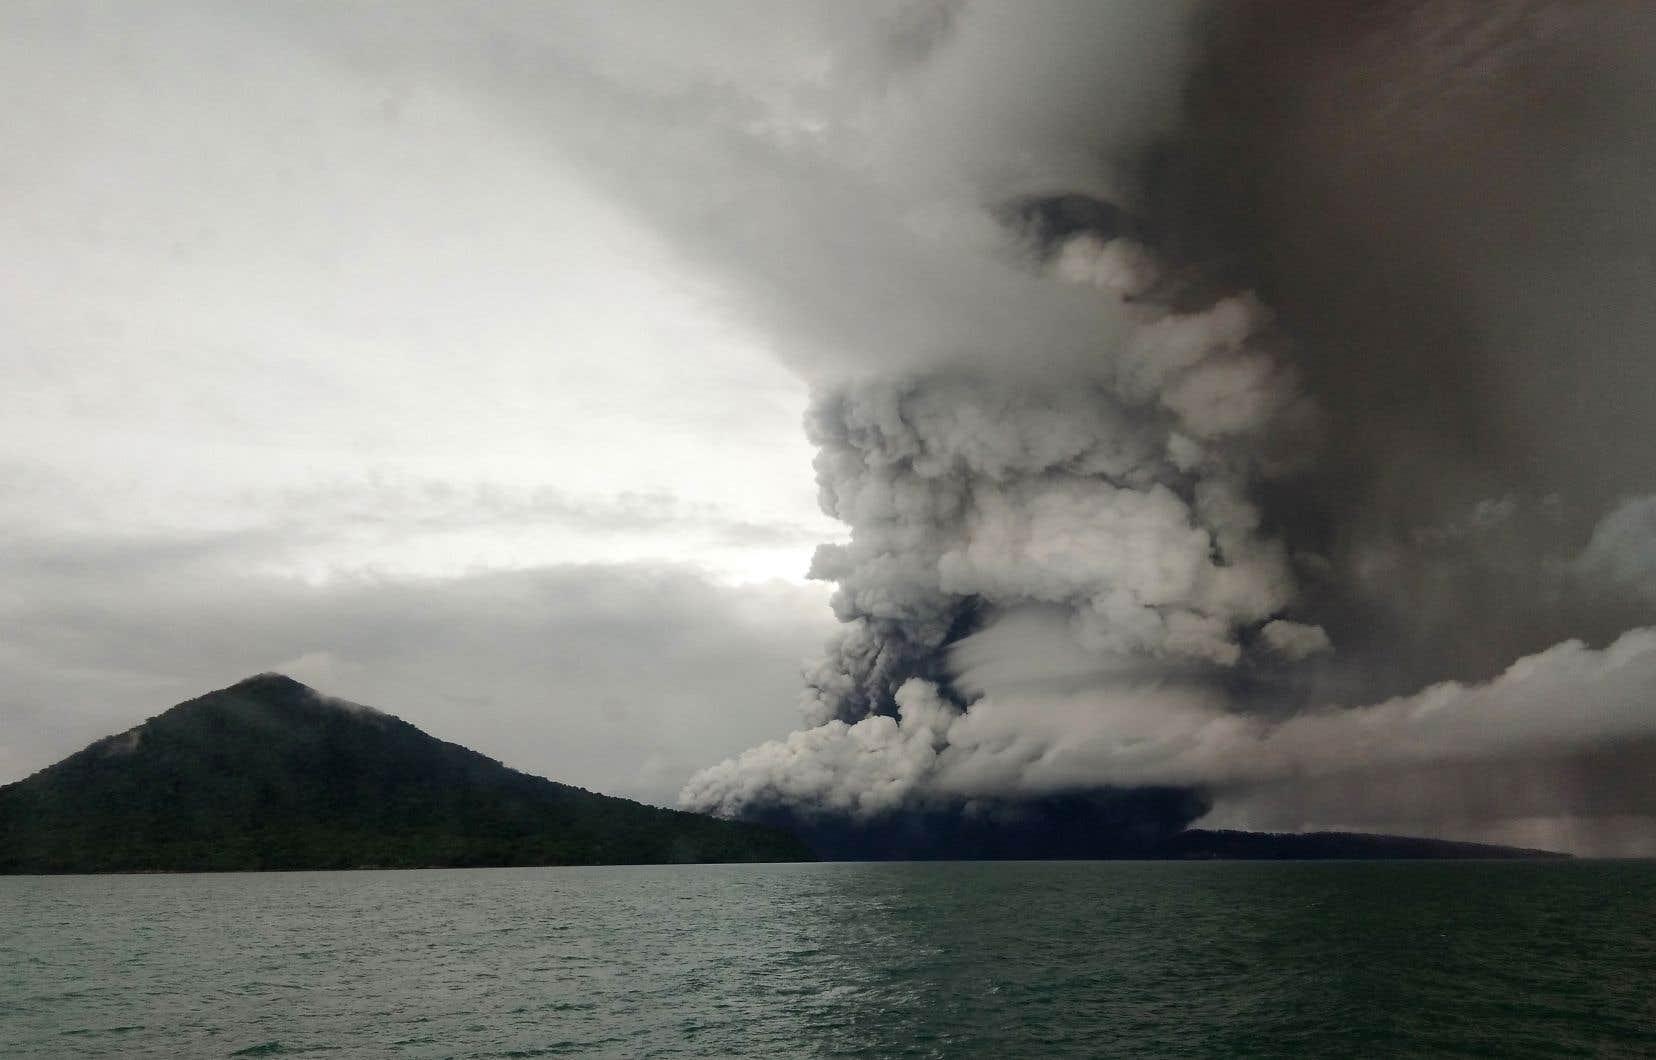 Le rayon de la zone interdite autour de l'Anak Krakatoa, «l'enfant» du légendaire volcan Krakatoa, a été élargi à 5 km.